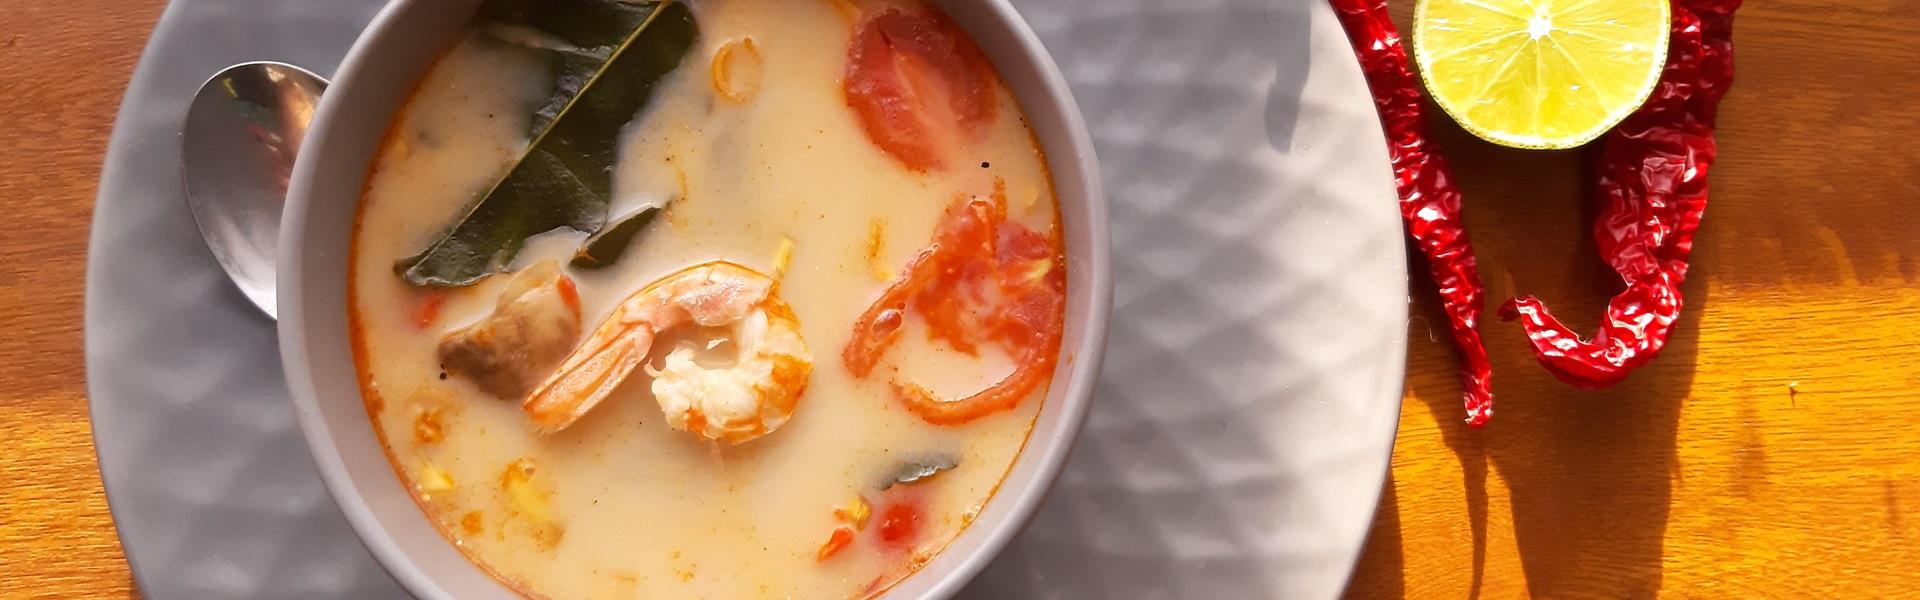 Готовит Наташа: яркий суп «Том Ям» за 10 минут